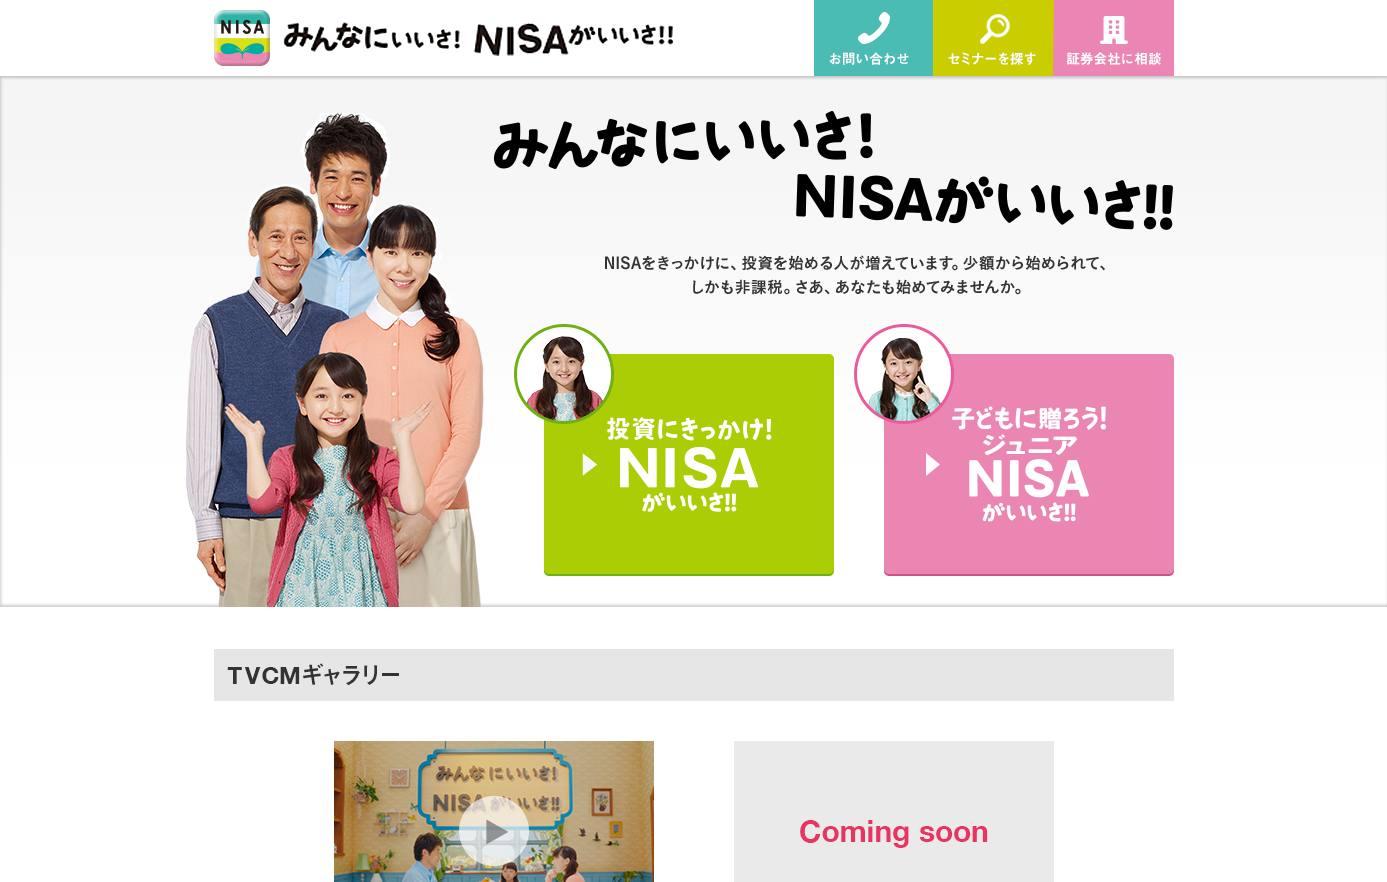 トップページ「みんなにいいさ!NISAがいいさ!!」|日本証券業協会